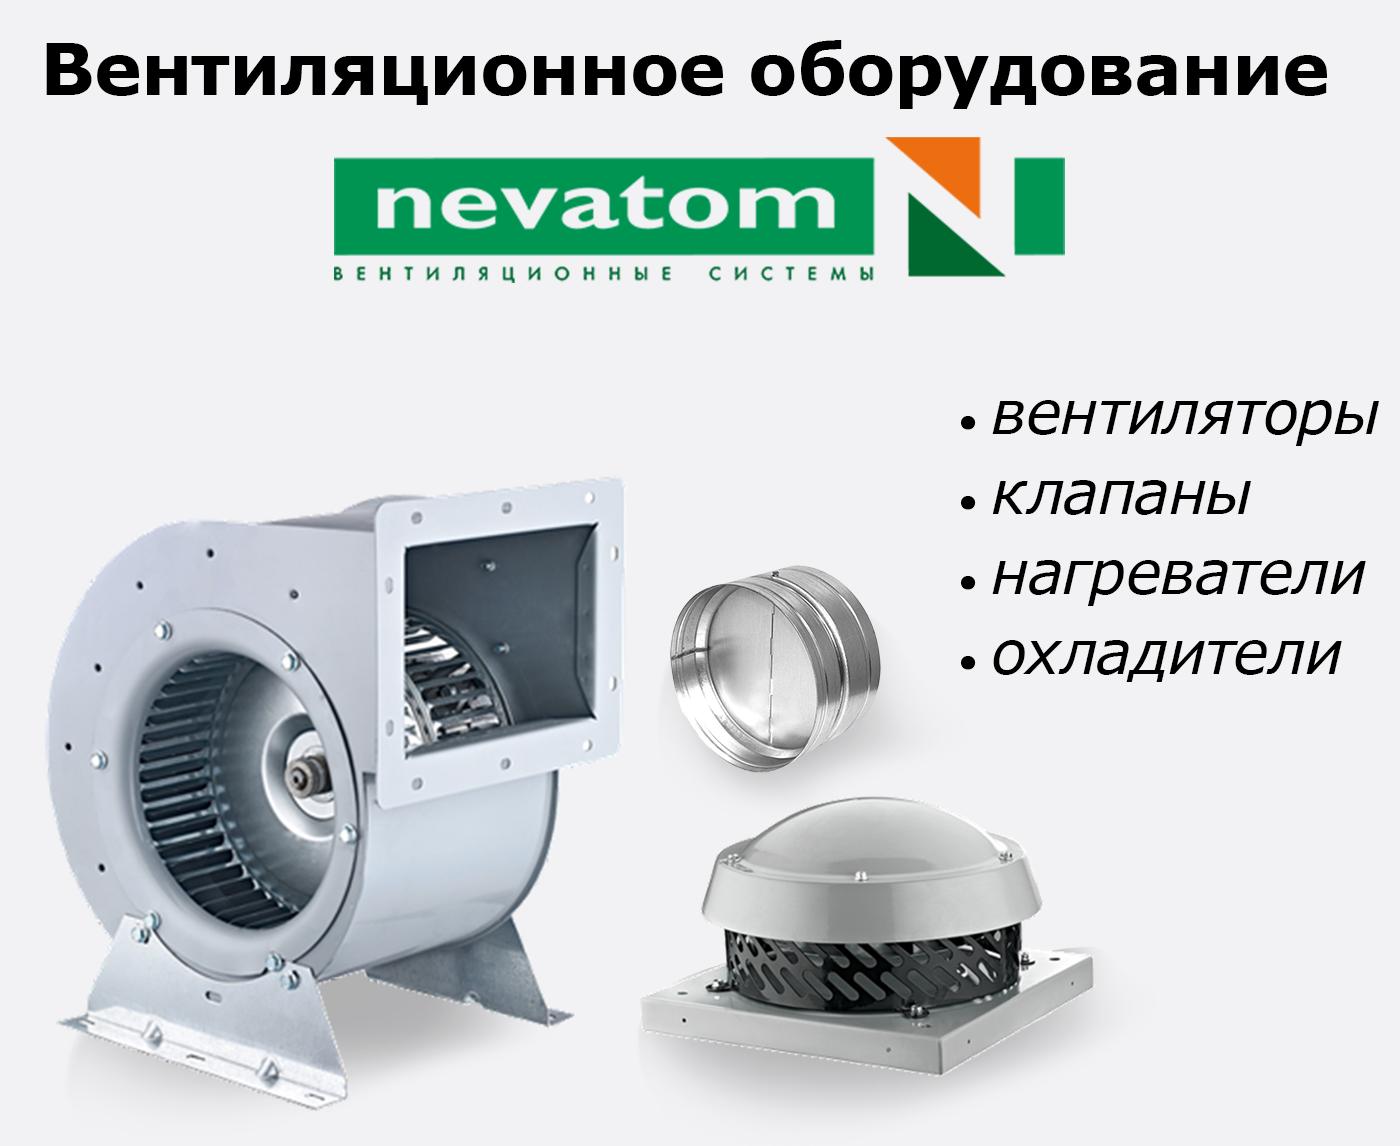 ТД УЭТ - официальный дилер компании Неватом